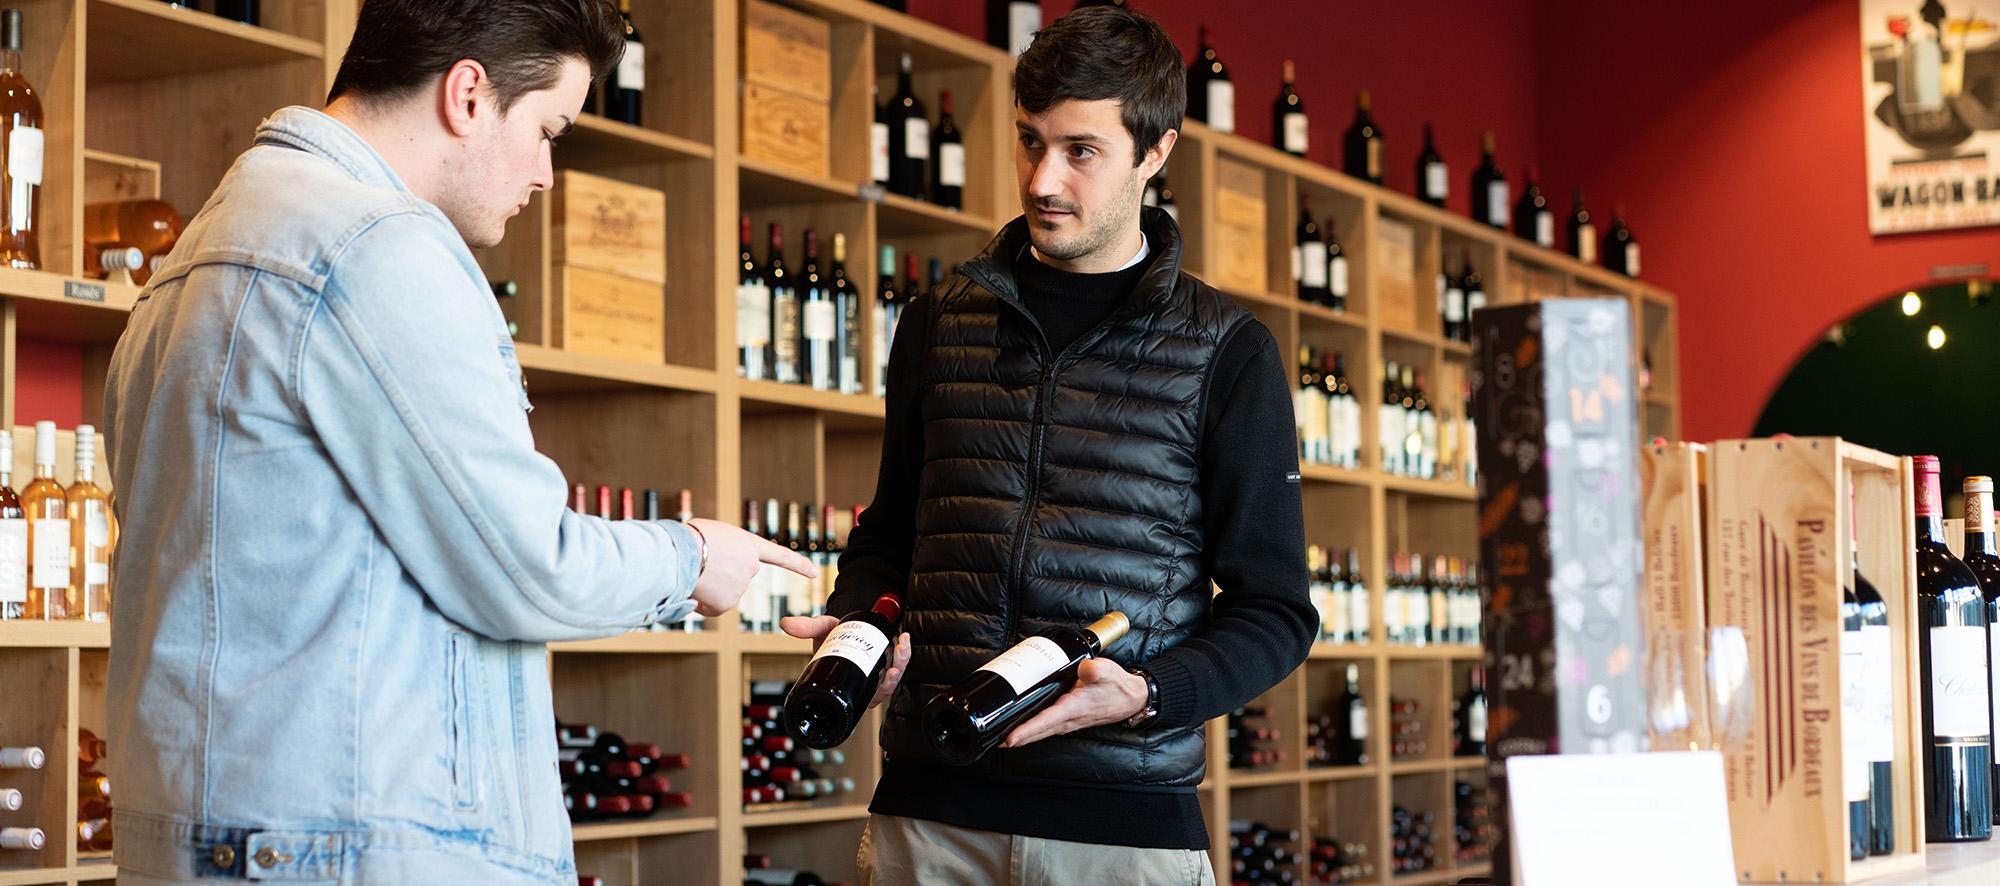 Shopper vos vins préférés à petit prix grâce aux foires aux vins !